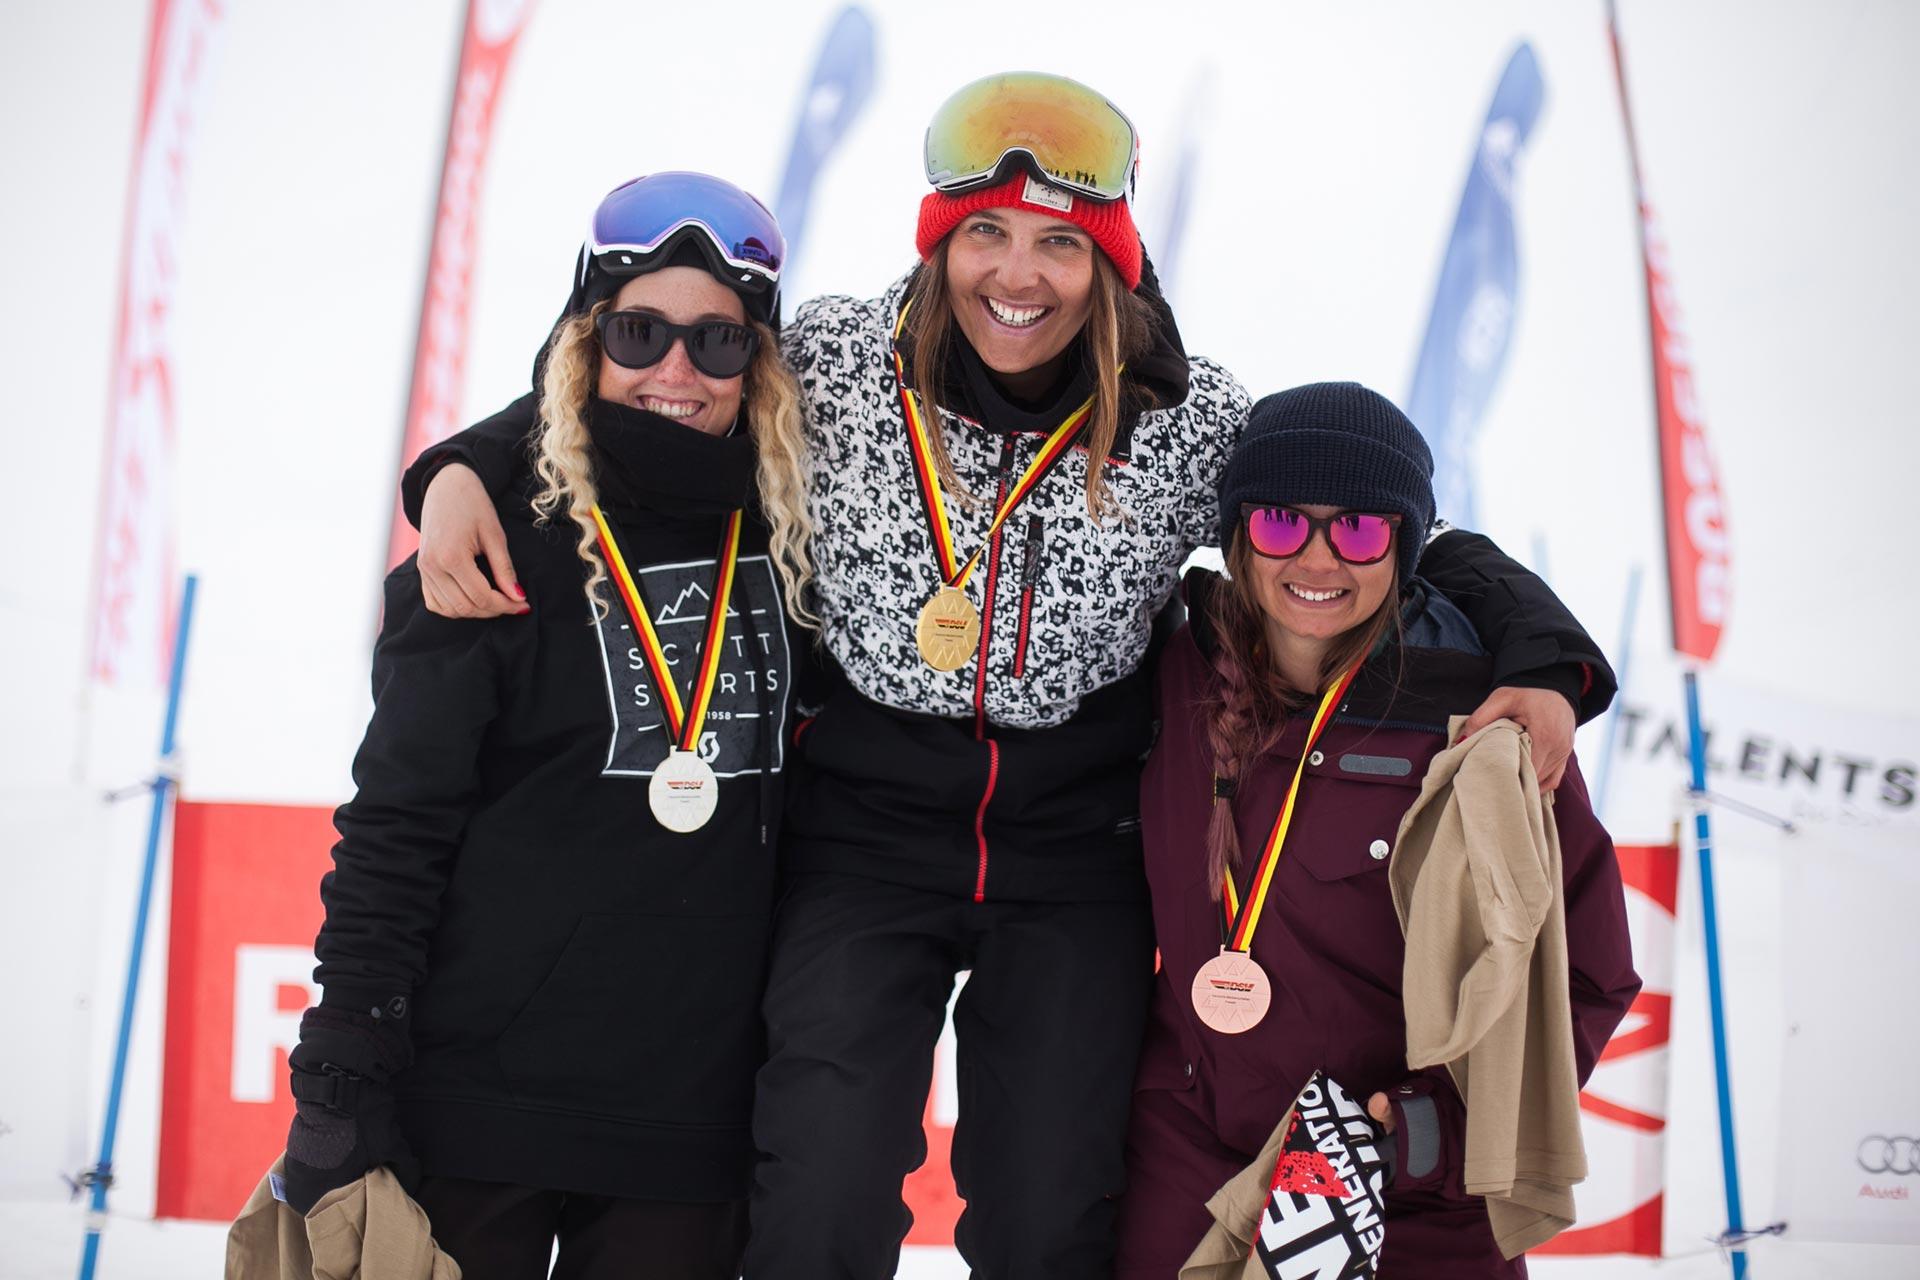 Die drei besten Ladies beim Halfpipe Contest der Deutschen Meisterschaft 2017: Nina Schlickenrieder, Sabrina Cakmakli und Maja Wolf (v.l.n.r.)